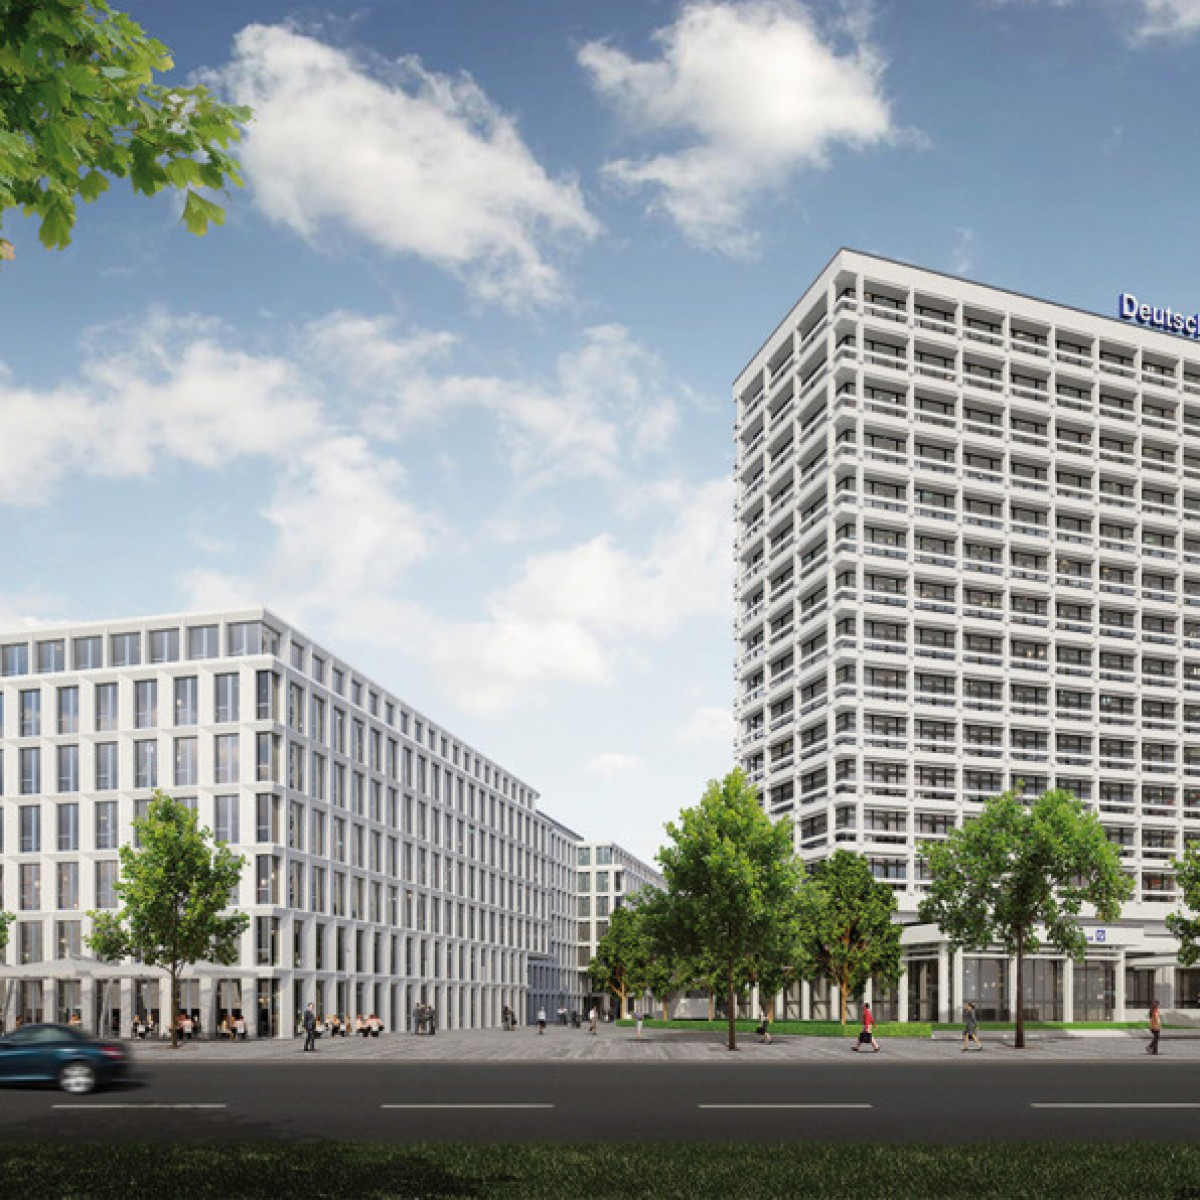 Deutsche Bank öffnet neue Zentrale in Berlin   Berliner Morgenpost